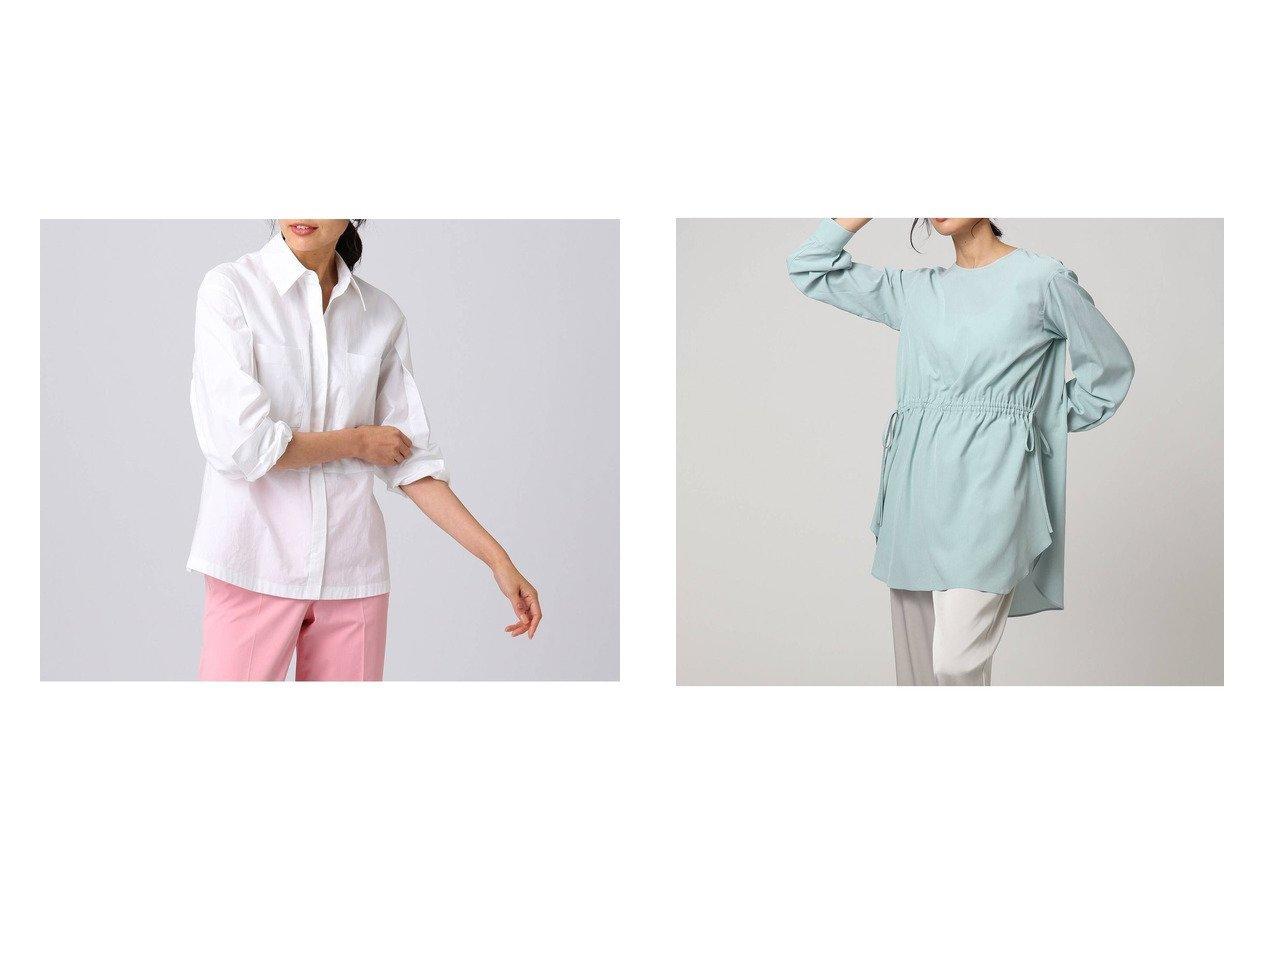 【UNTITLED/アンタイトル】のウォッシュドシルキークロス3WAYブラウス&シモーナコットンシャツ UNTITLEDのおすすめ!人気、トレンド・レディースファッションの通販 おすすめで人気の流行・トレンド、ファッションの通販商品 メンズファッション・キッズファッション・インテリア・家具・レディースファッション・服の通販 founy(ファニー) https://founy.com/ ファッション Fashion レディースファッション WOMEN トップス カットソー Tops Tshirt シャツ/ブラウス Shirts Blouses イタリア インナー 春 Spring スペシャル スリーブ タイプライター バランス フォルム ベビー リブニット 2021年 2021 S/S 春夏 SS Spring/Summer 2021 春夏 S/S SS Spring/Summer 2021 とろみ ウォッシャブル エアリー ストレッチ リボン ヴィンテージ |ID:crp329100000019958